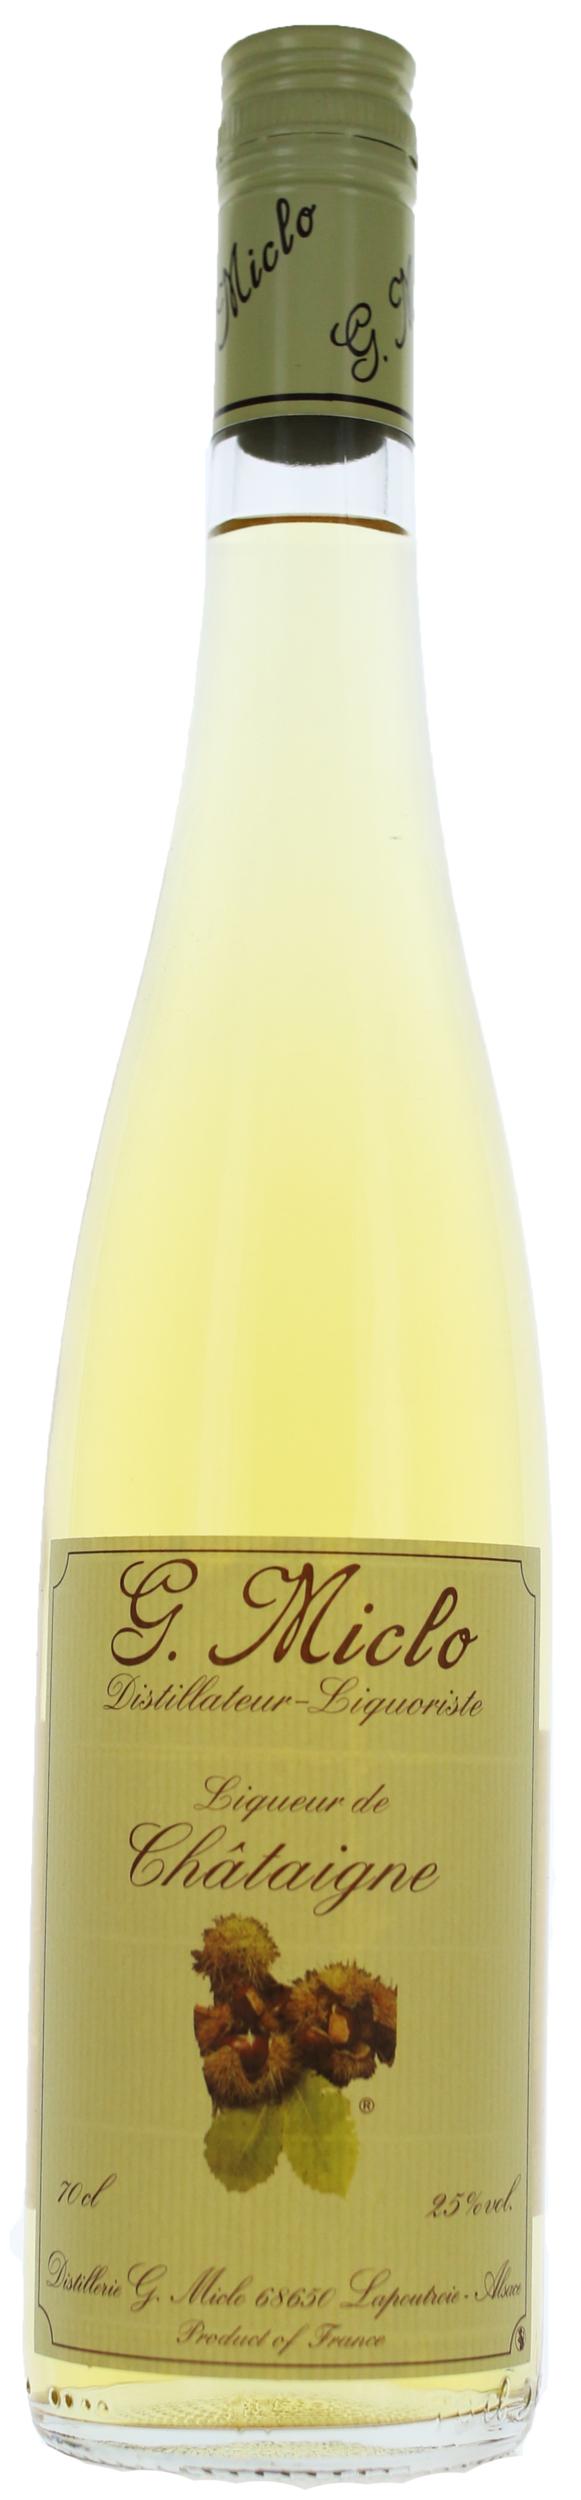 Liqueur - Châtaigne - Distillerie G.Miclo - 25° - 70cl